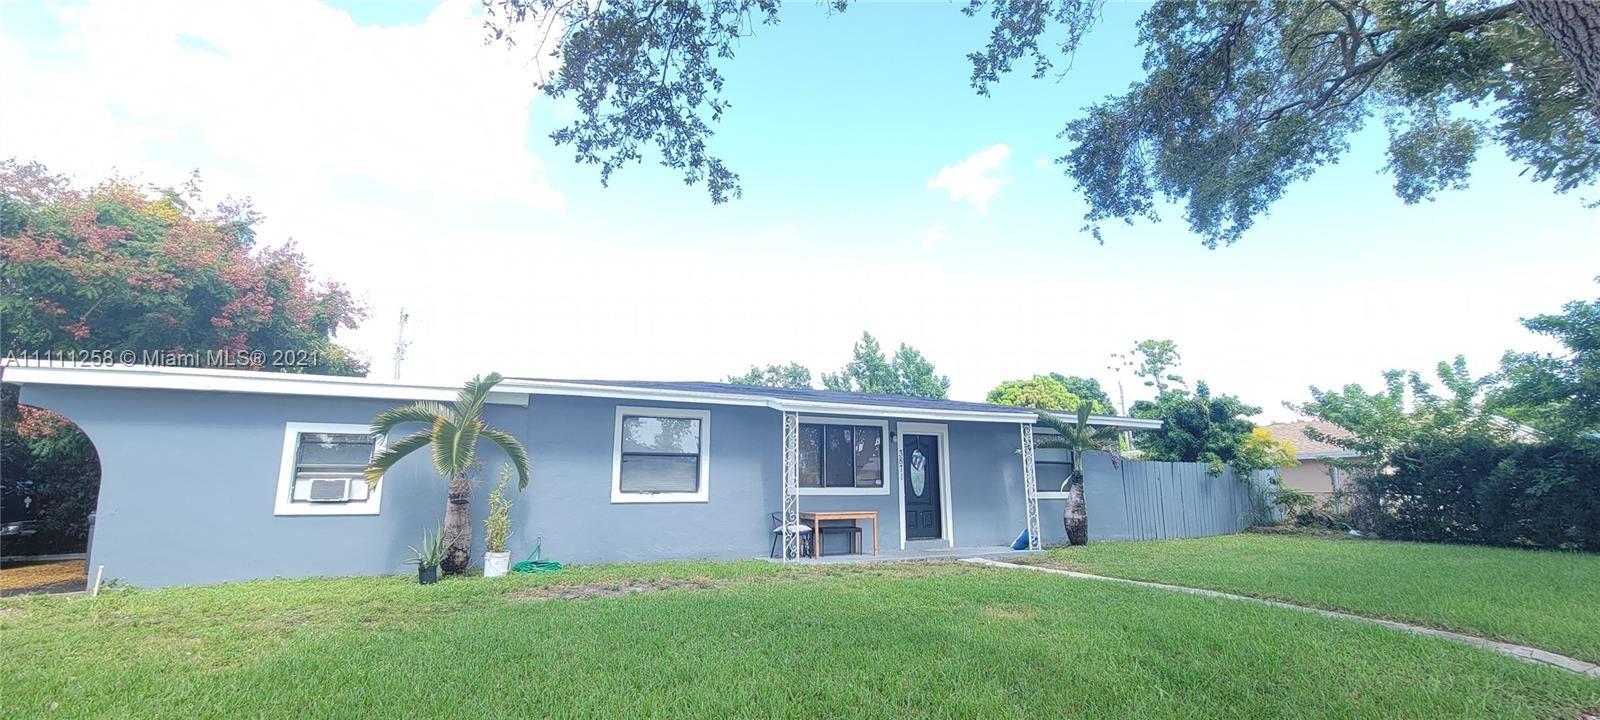 3871 SW 31st Ct, West Park, FL 33023 - #: A11111258